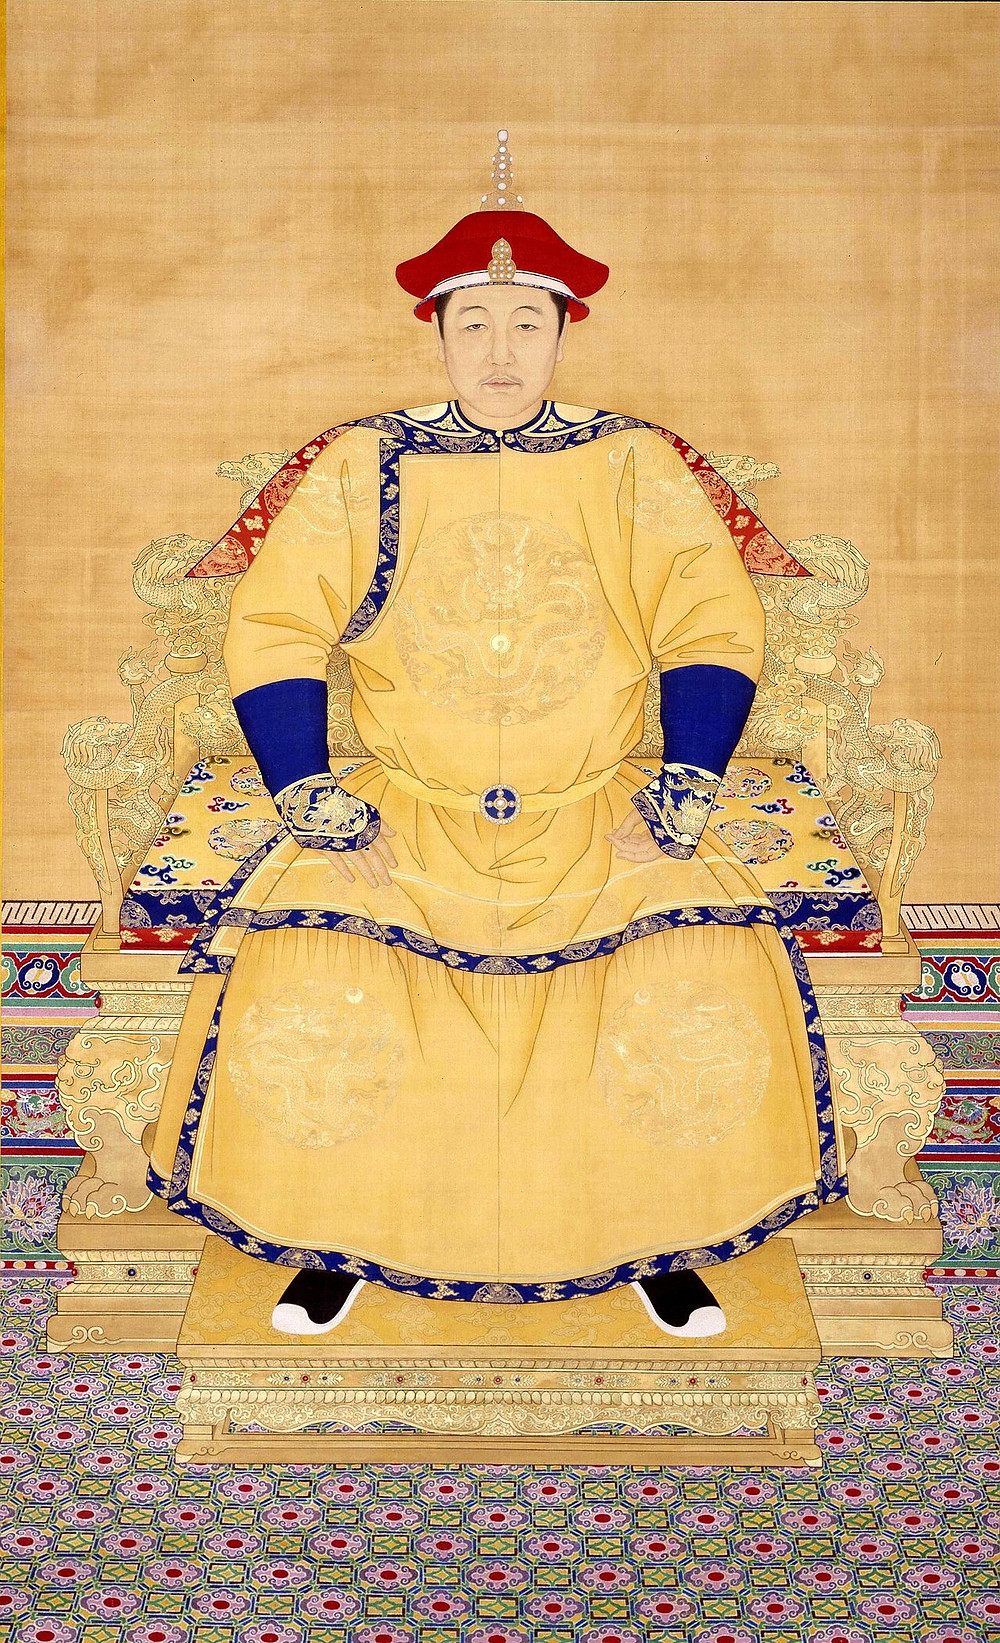 乾隆年製大清世祖章皇帝朝服像